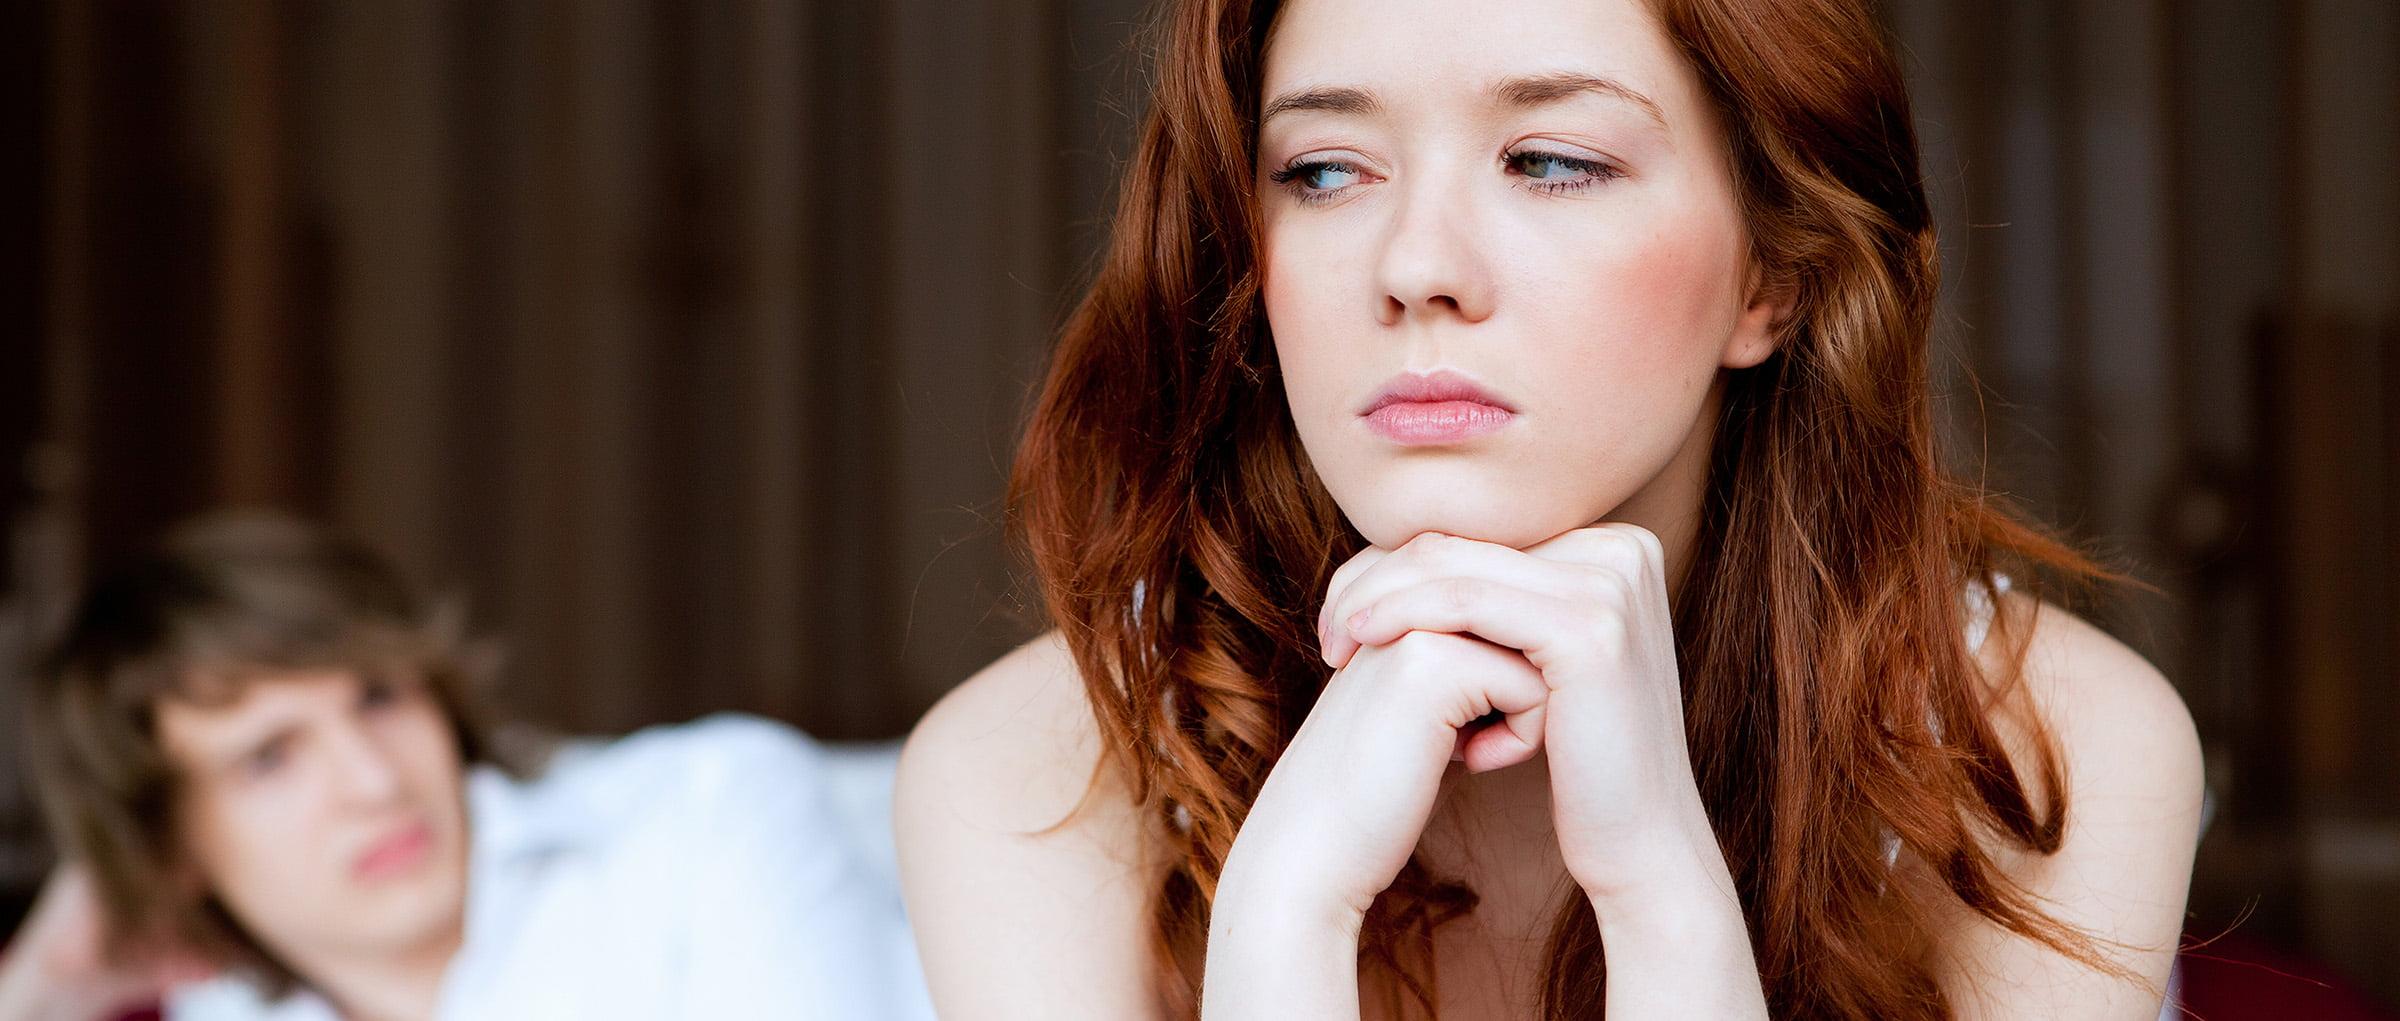 Pareja deprimida en reproducción asistida